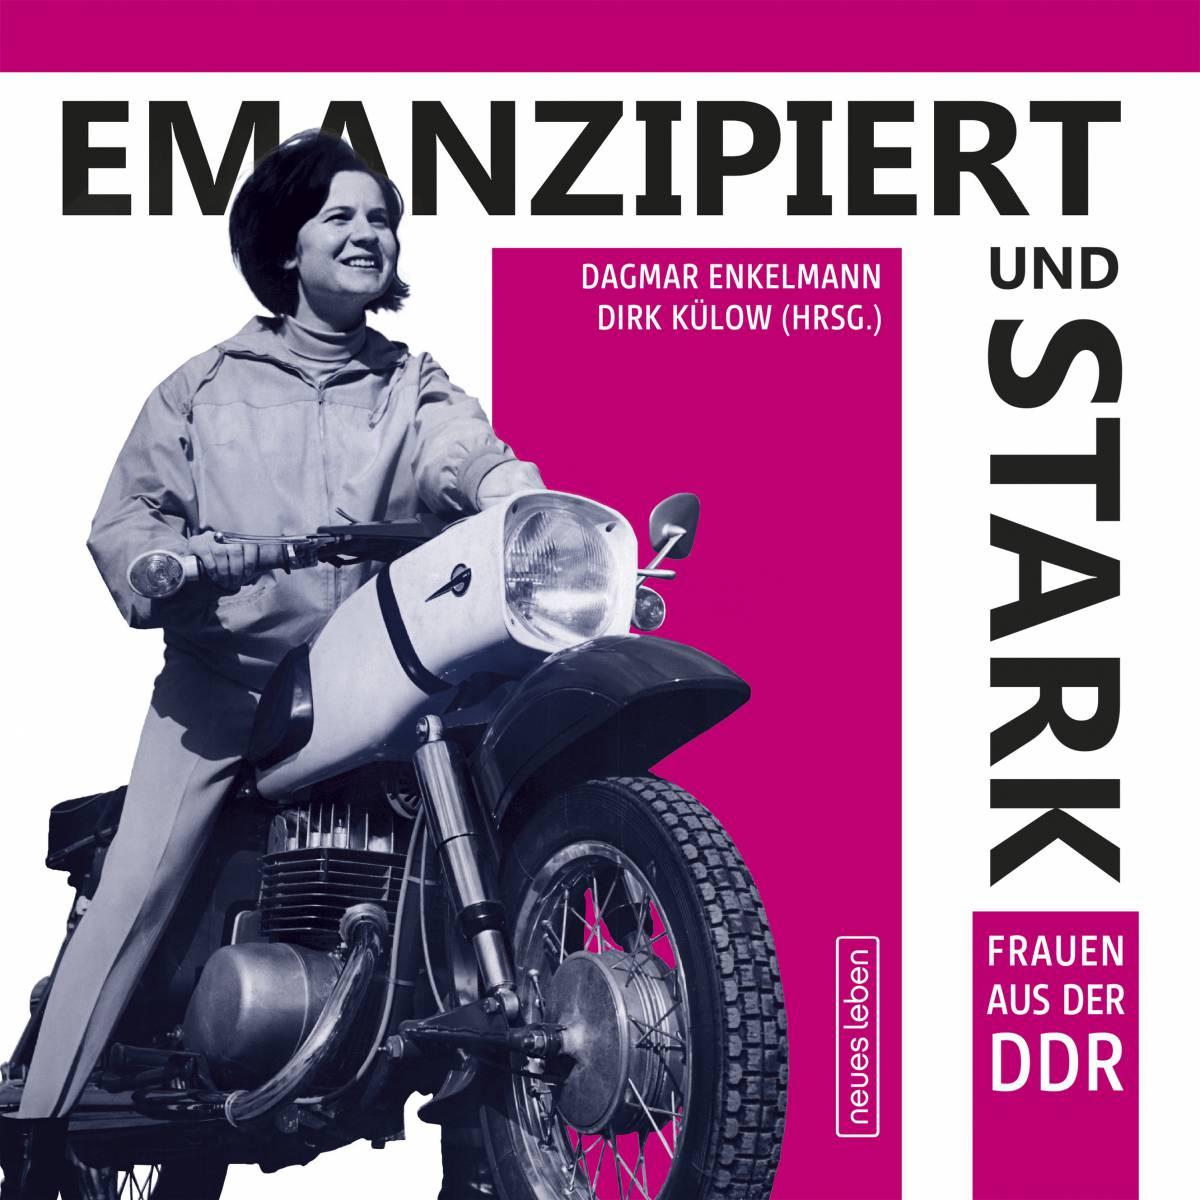 Moto (nom féminin) Enkelmann_Emanzipiert-1200x1200